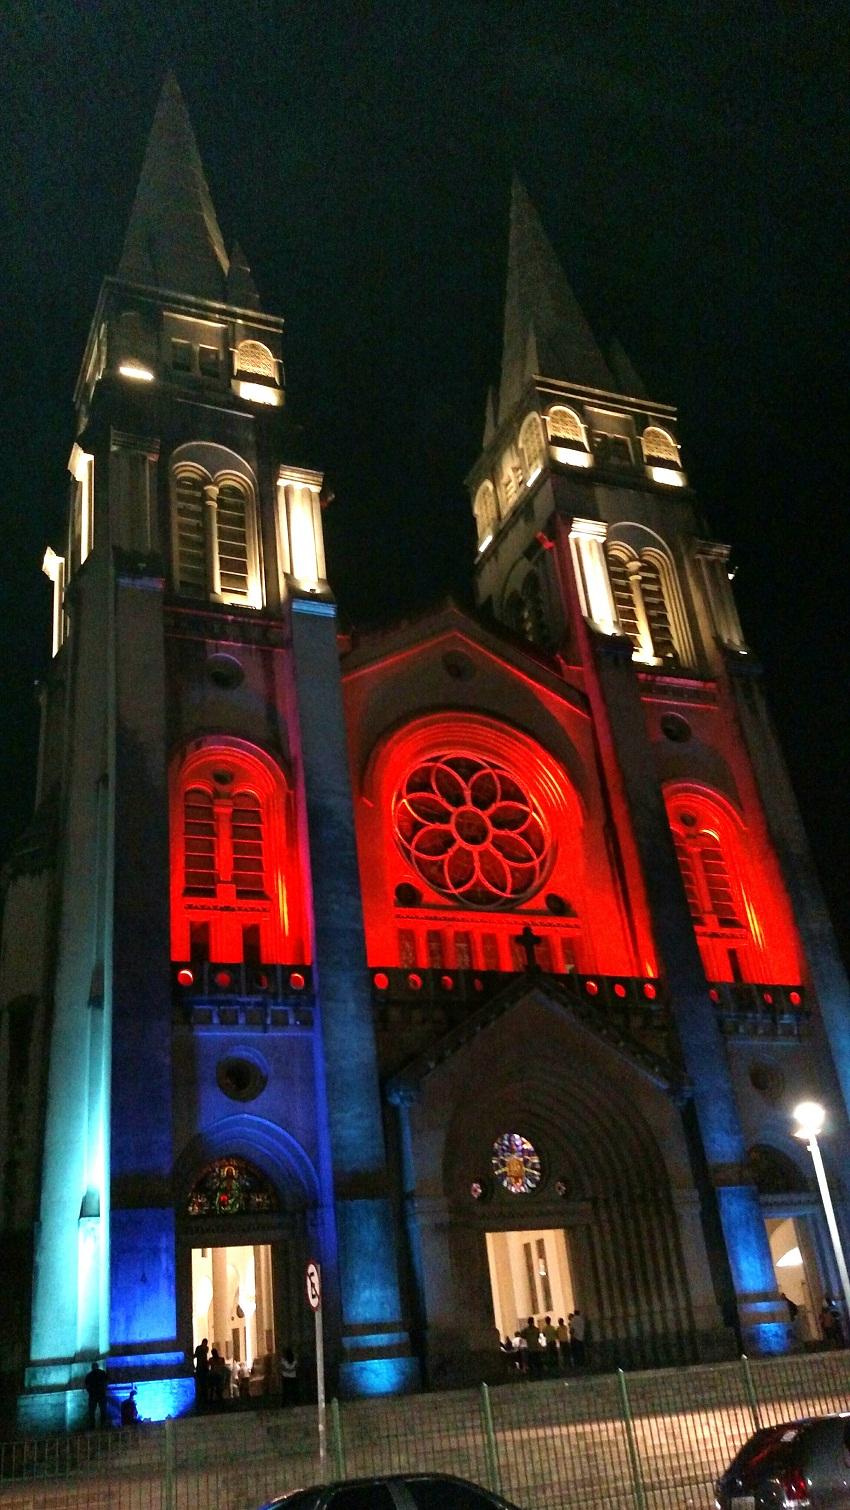 A Catedral ganhou as cores vermelho e azul no sábado (23) e no domingo (24) (Foto: Divulgação)